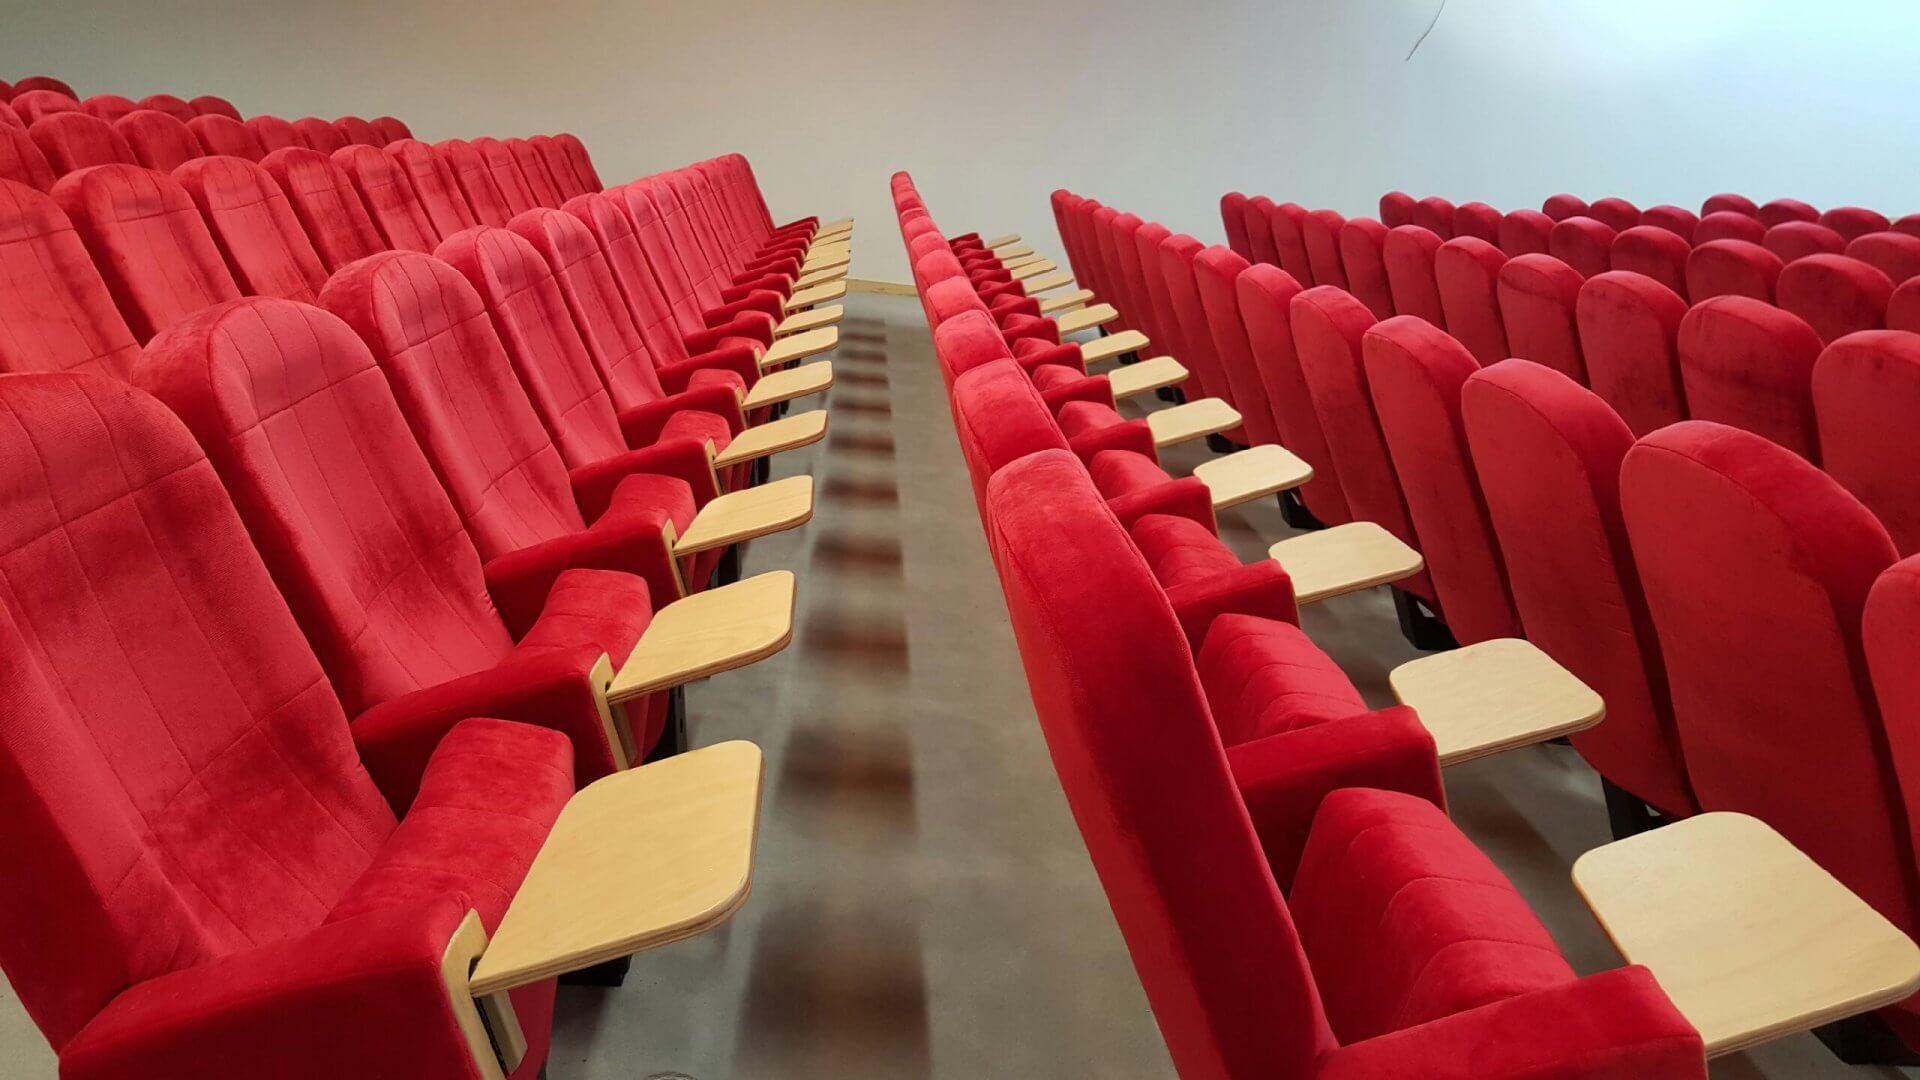 Kleslo - Leader de fabrication de fauteuils cinéma, théâtre ... image v2